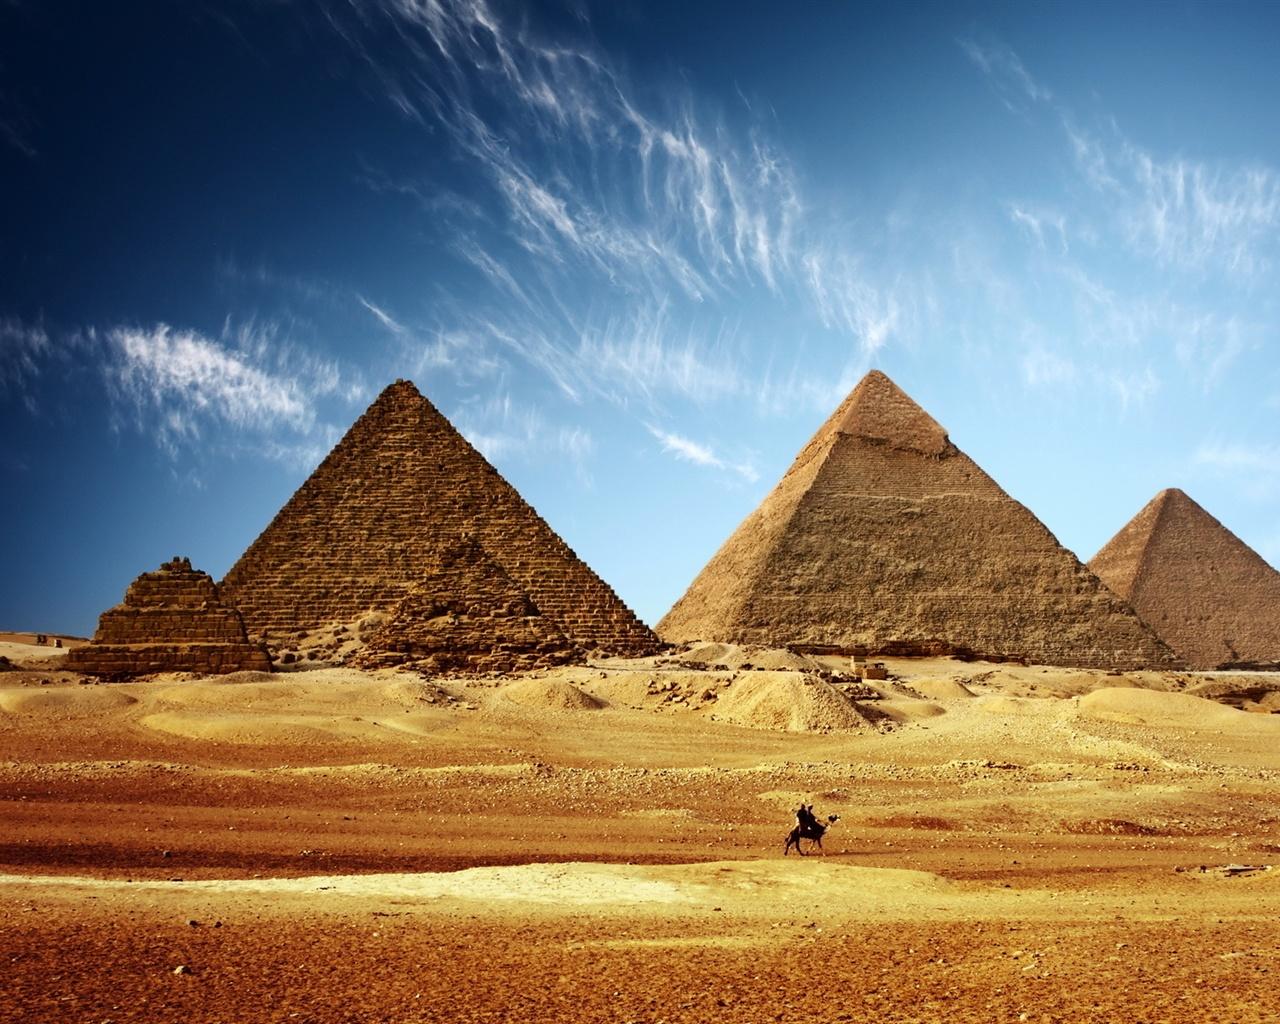 エジプトのピラミッド黄金の砂、青い空 壁紙 - 1280x1024   エジプトのピラミッド黄金